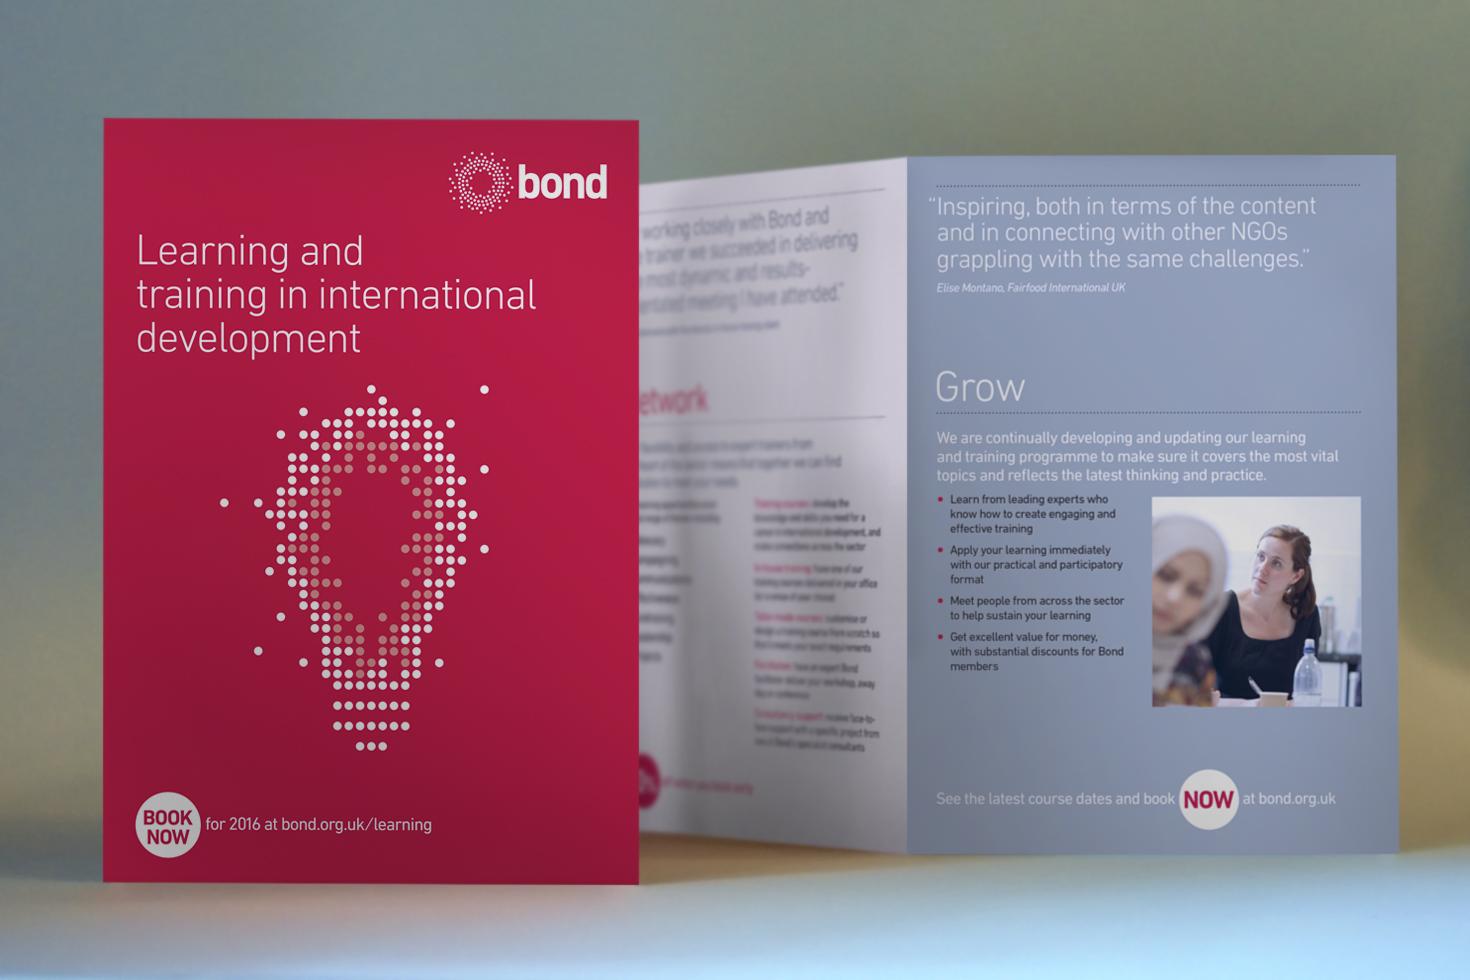 Bond leaflet